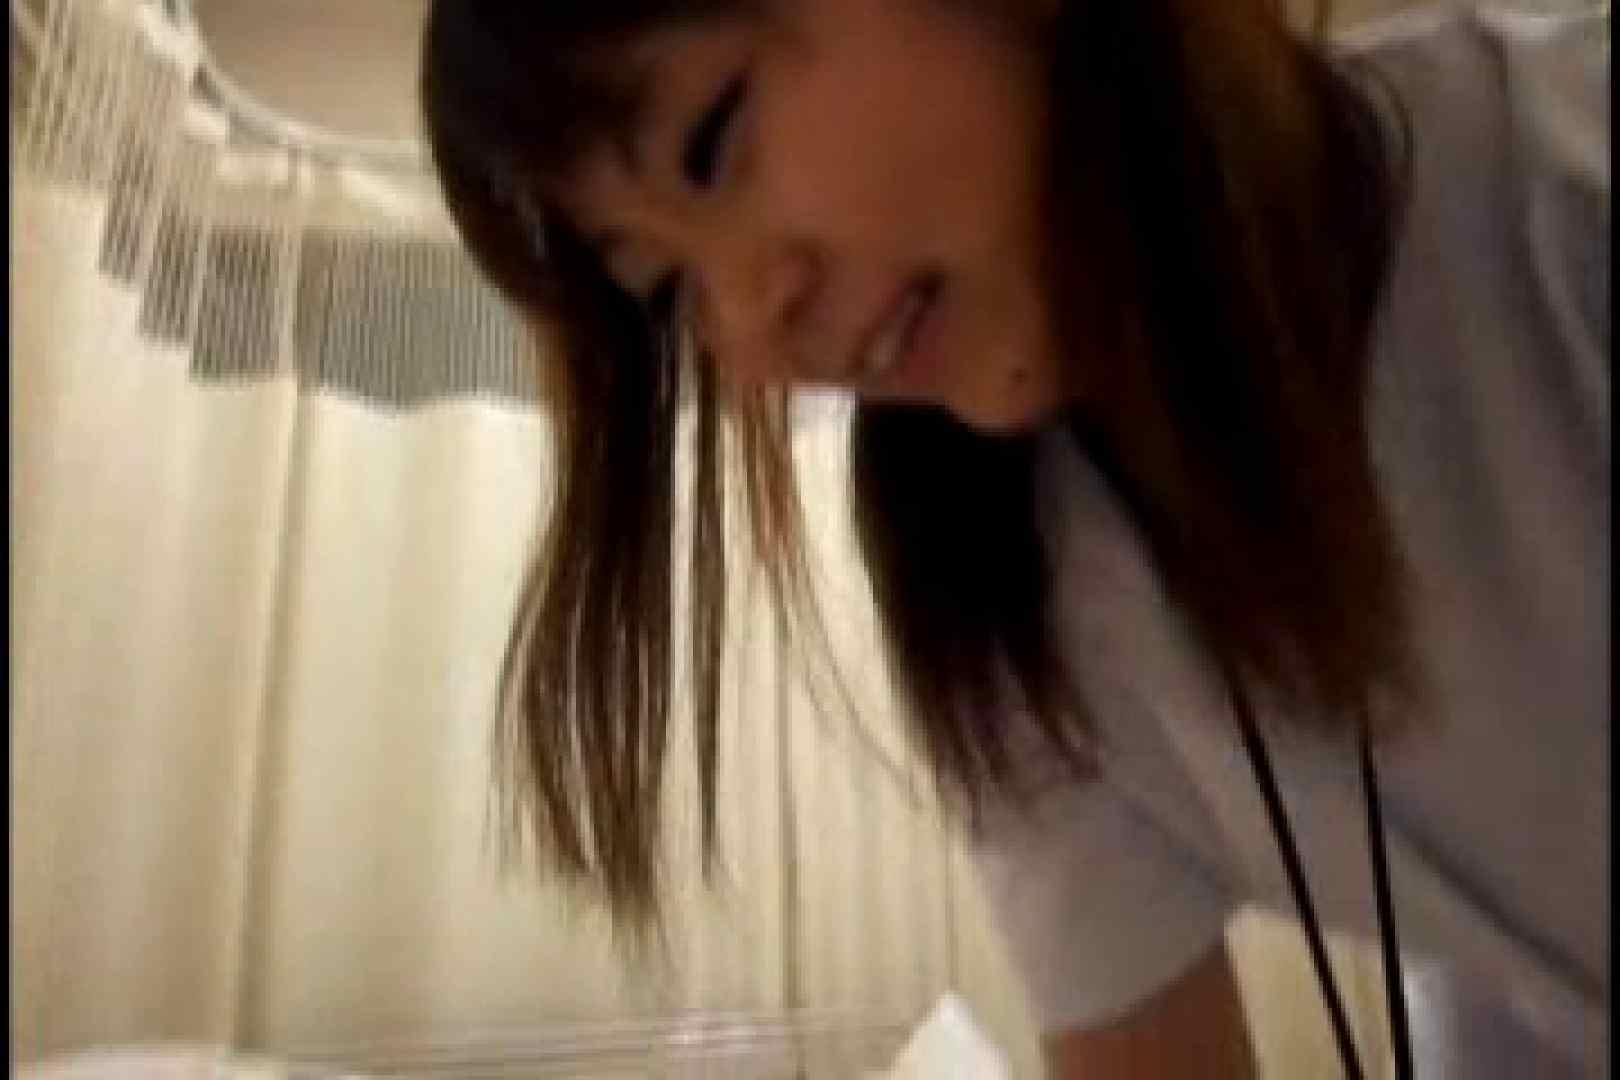 ヤリマンと呼ばれた看護士さんvol1 OL裸体 | シックスナイン  61画像 37